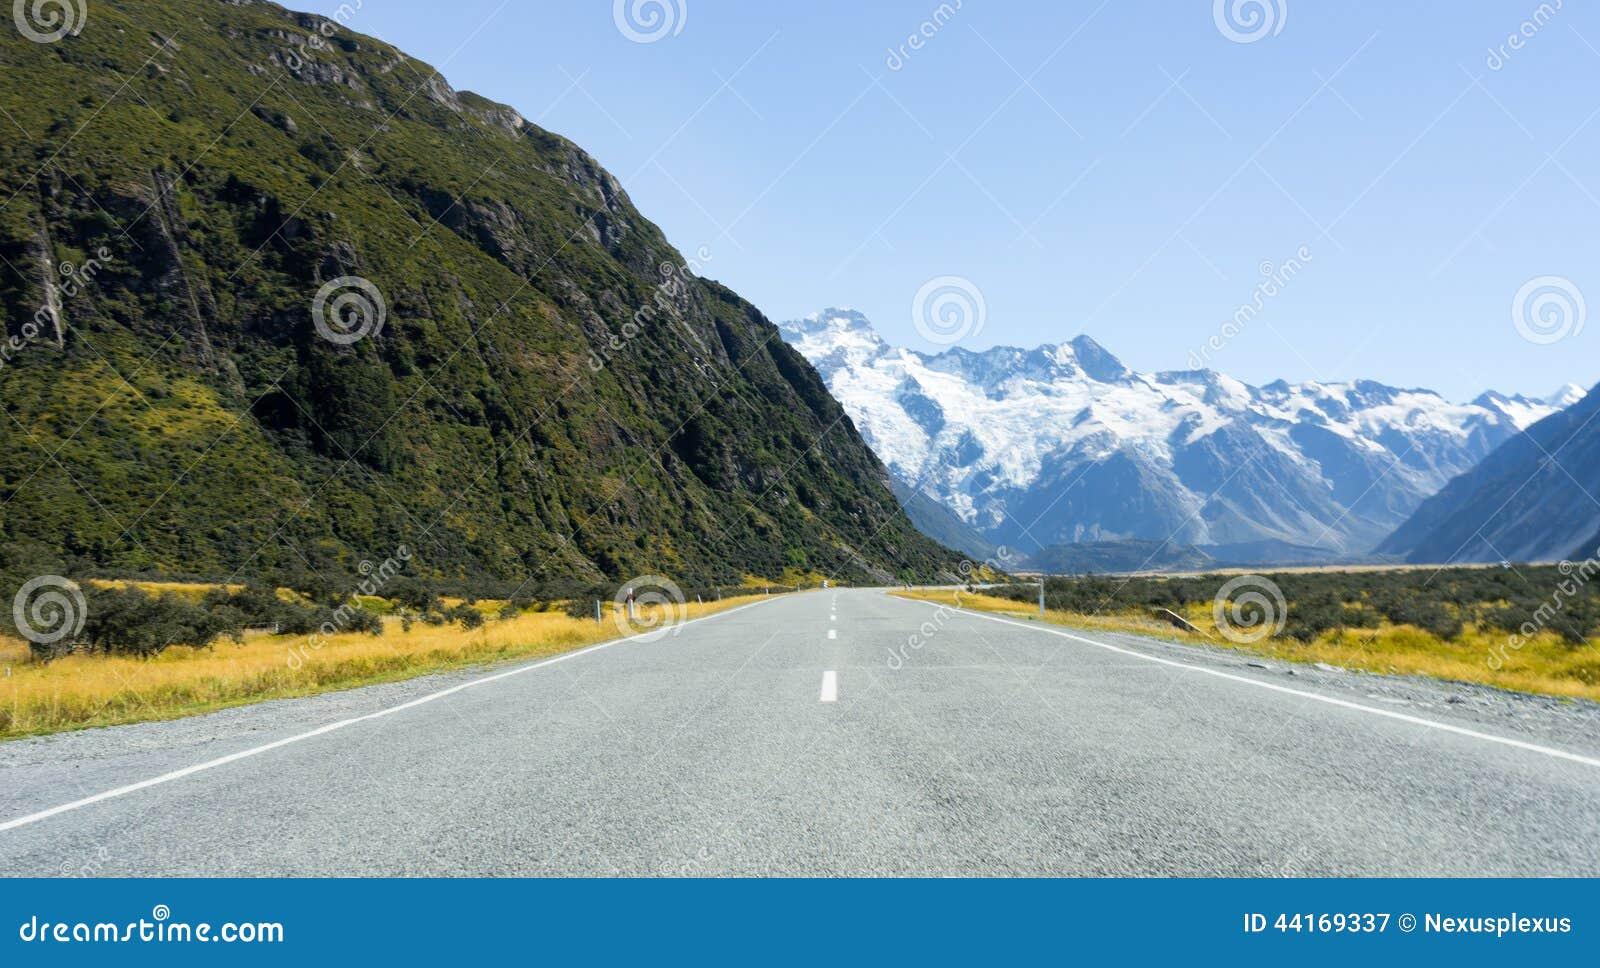 路_新西兰阿尔卑斯和路自然风景.